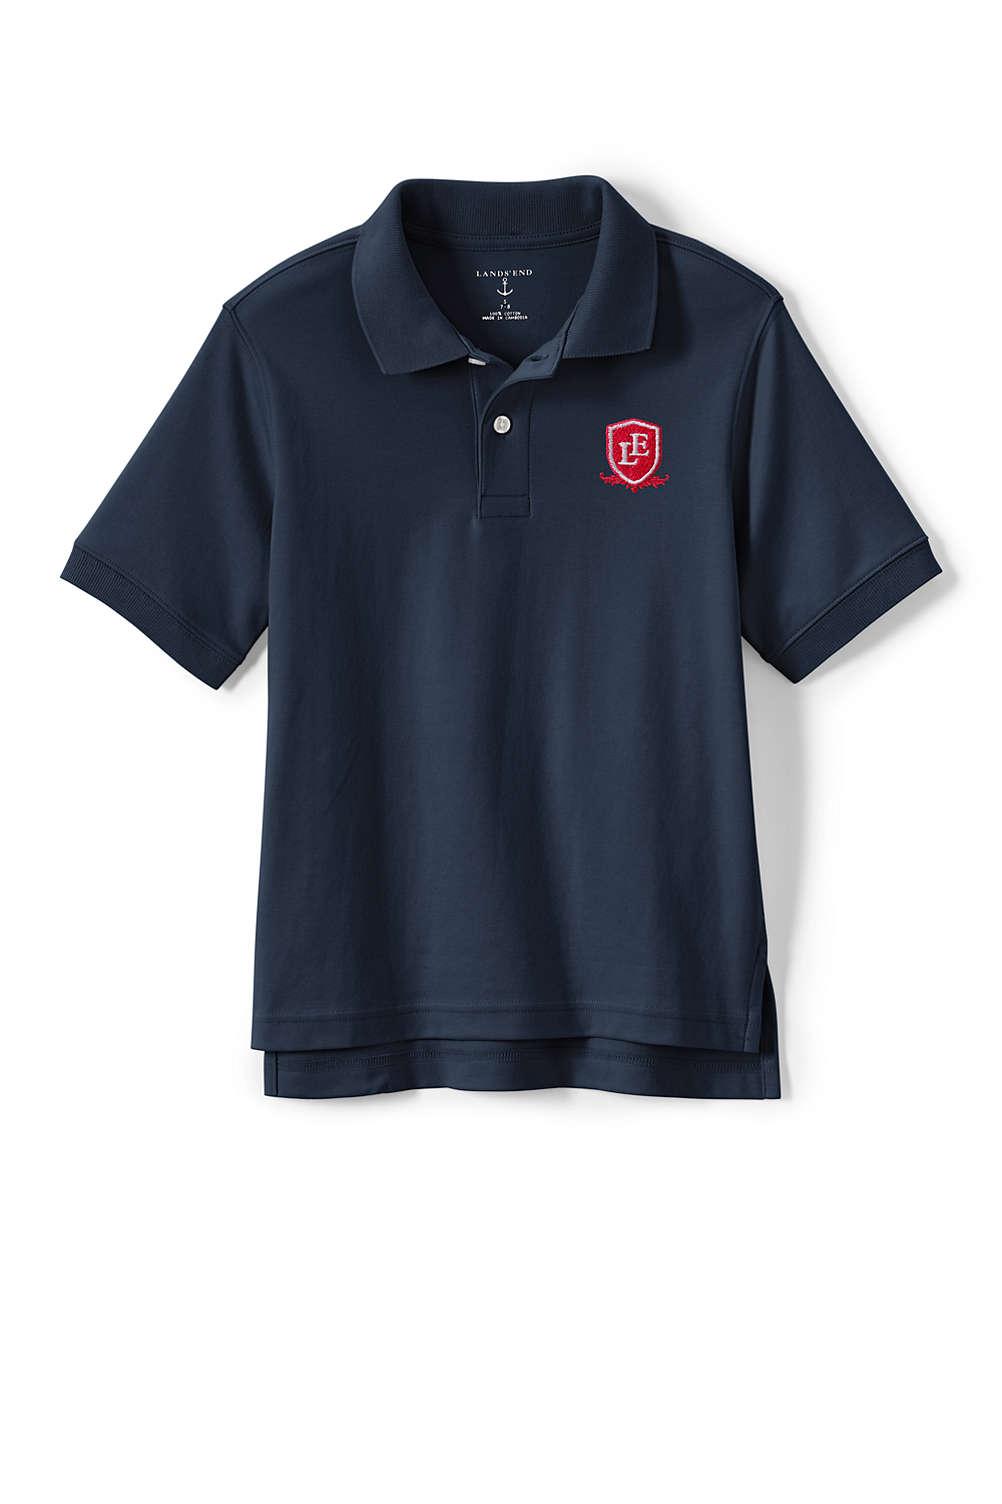 BNWT Next Boys 100/% Cotton Navy Blue Polo Shirt//Top